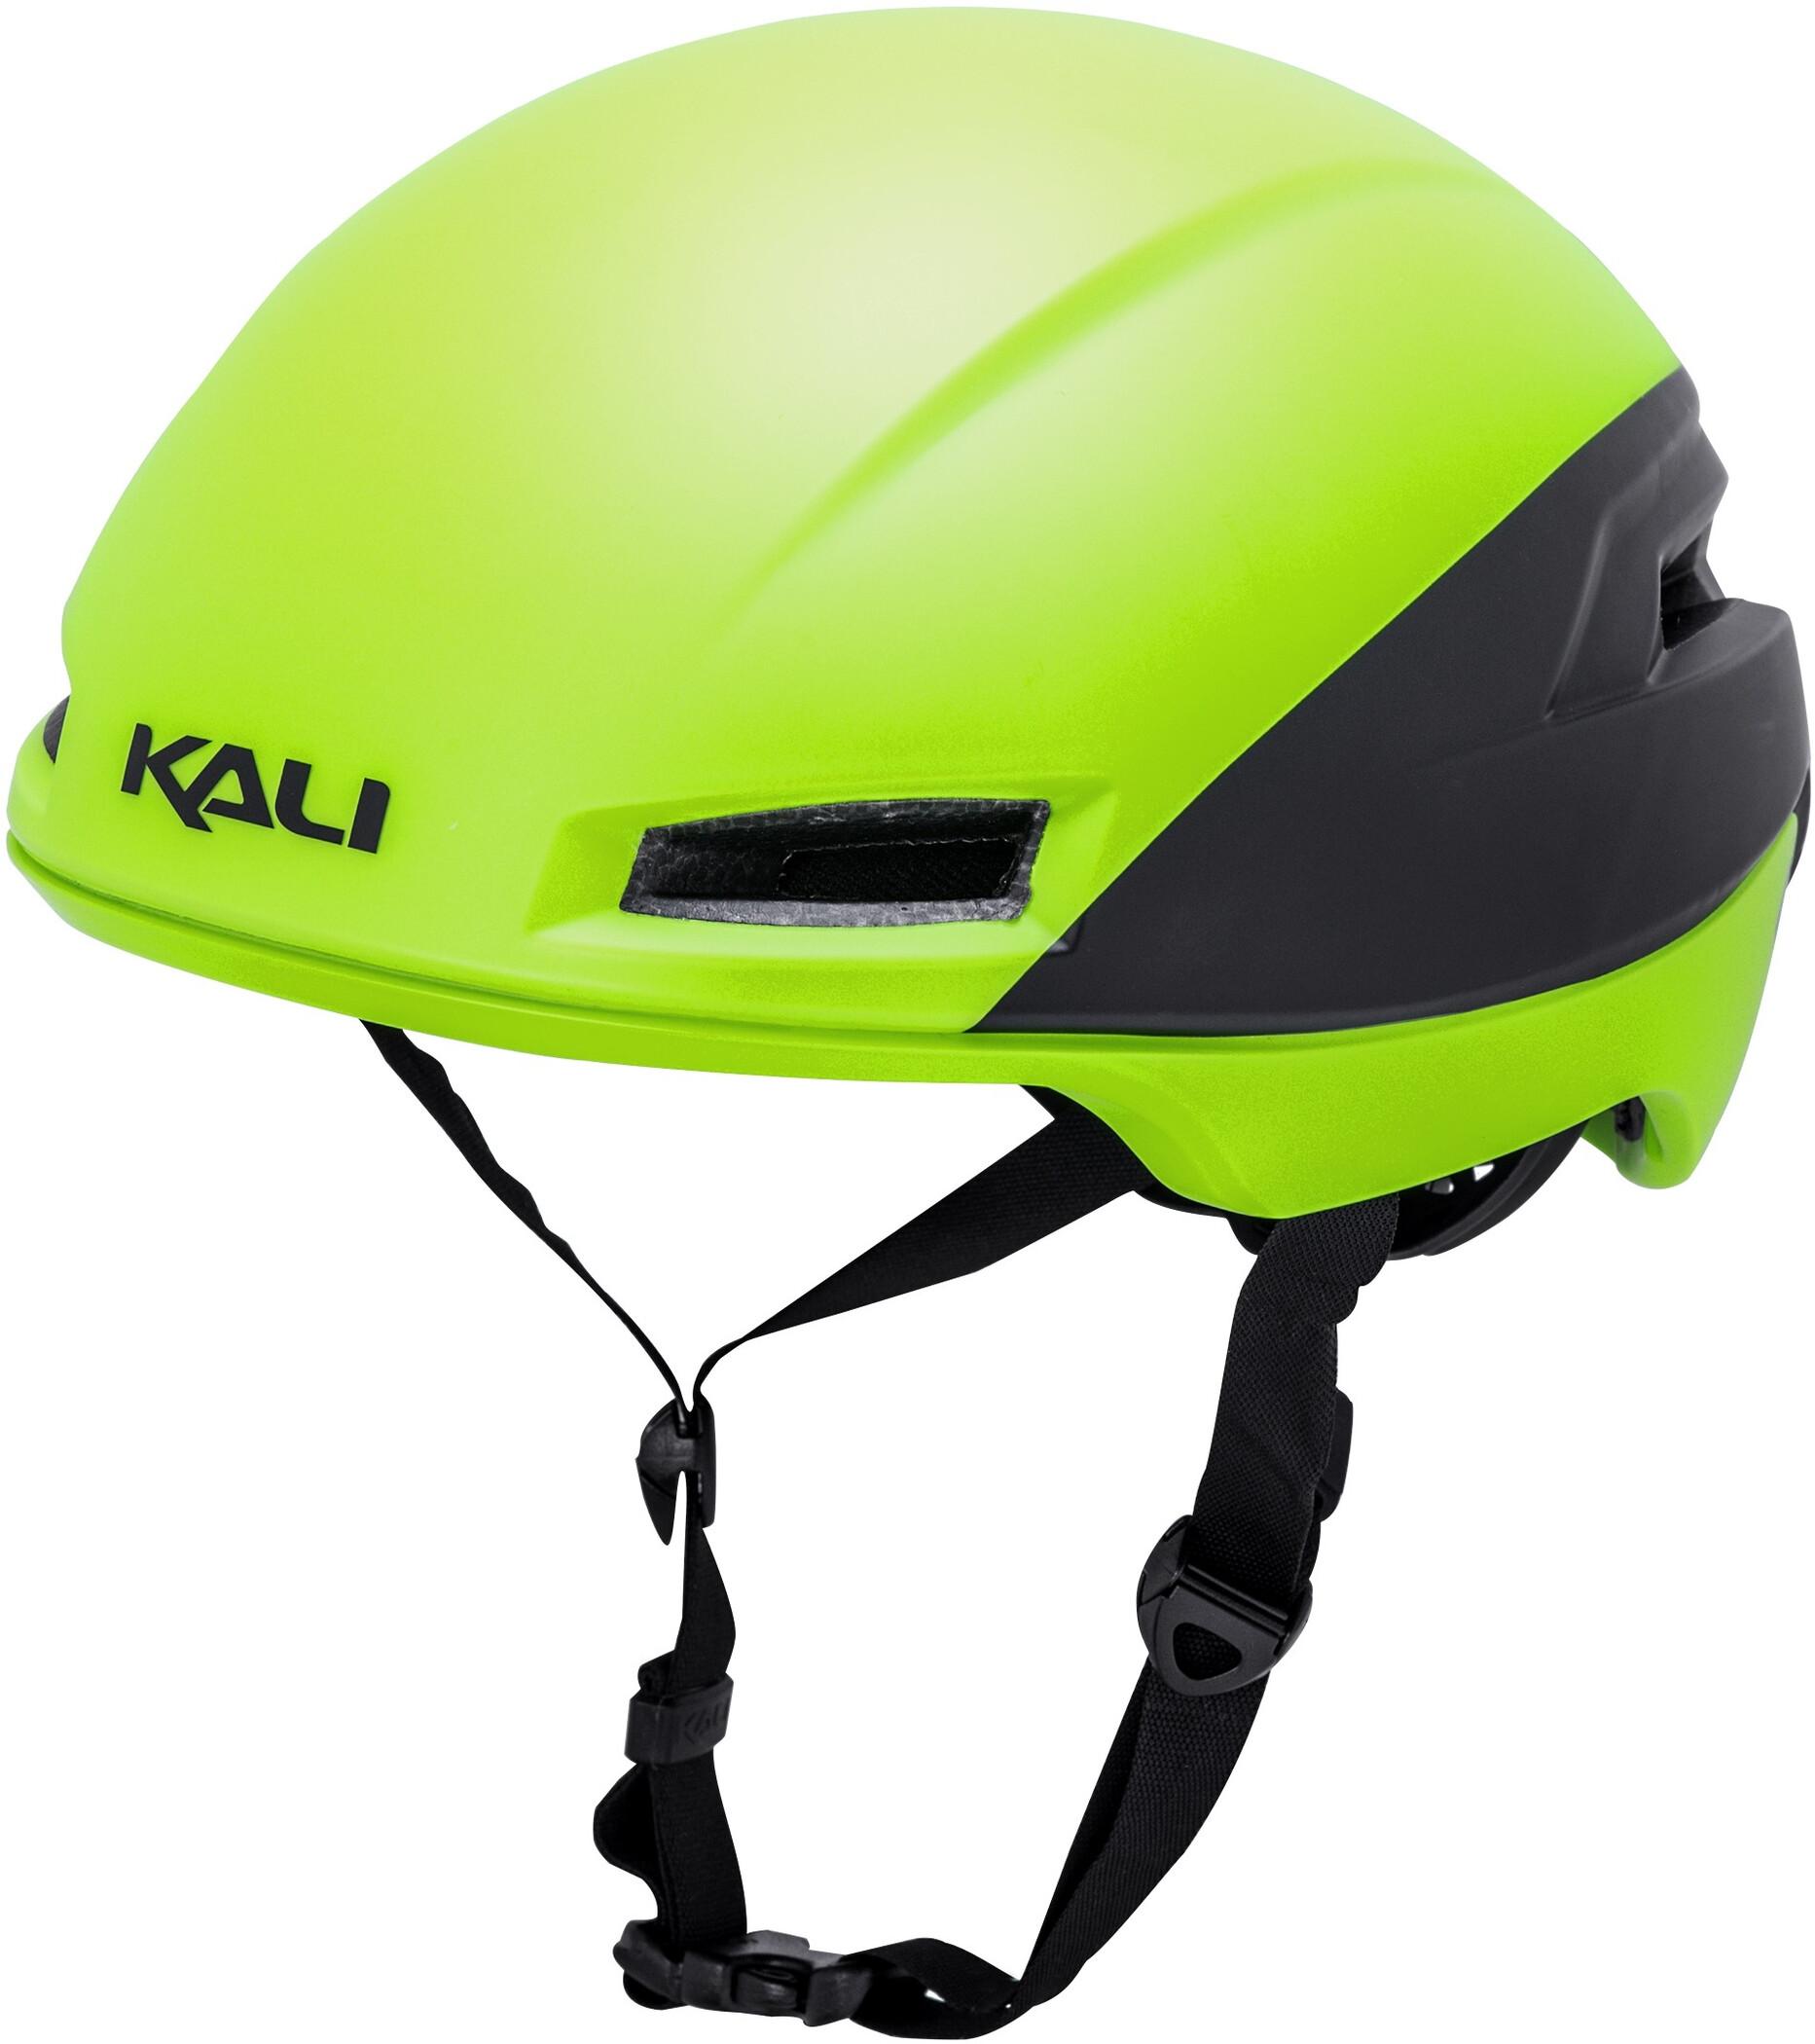 Kali Tava Flow Cykelhjelm Herrer, matte neon yellow/black   Hjelme